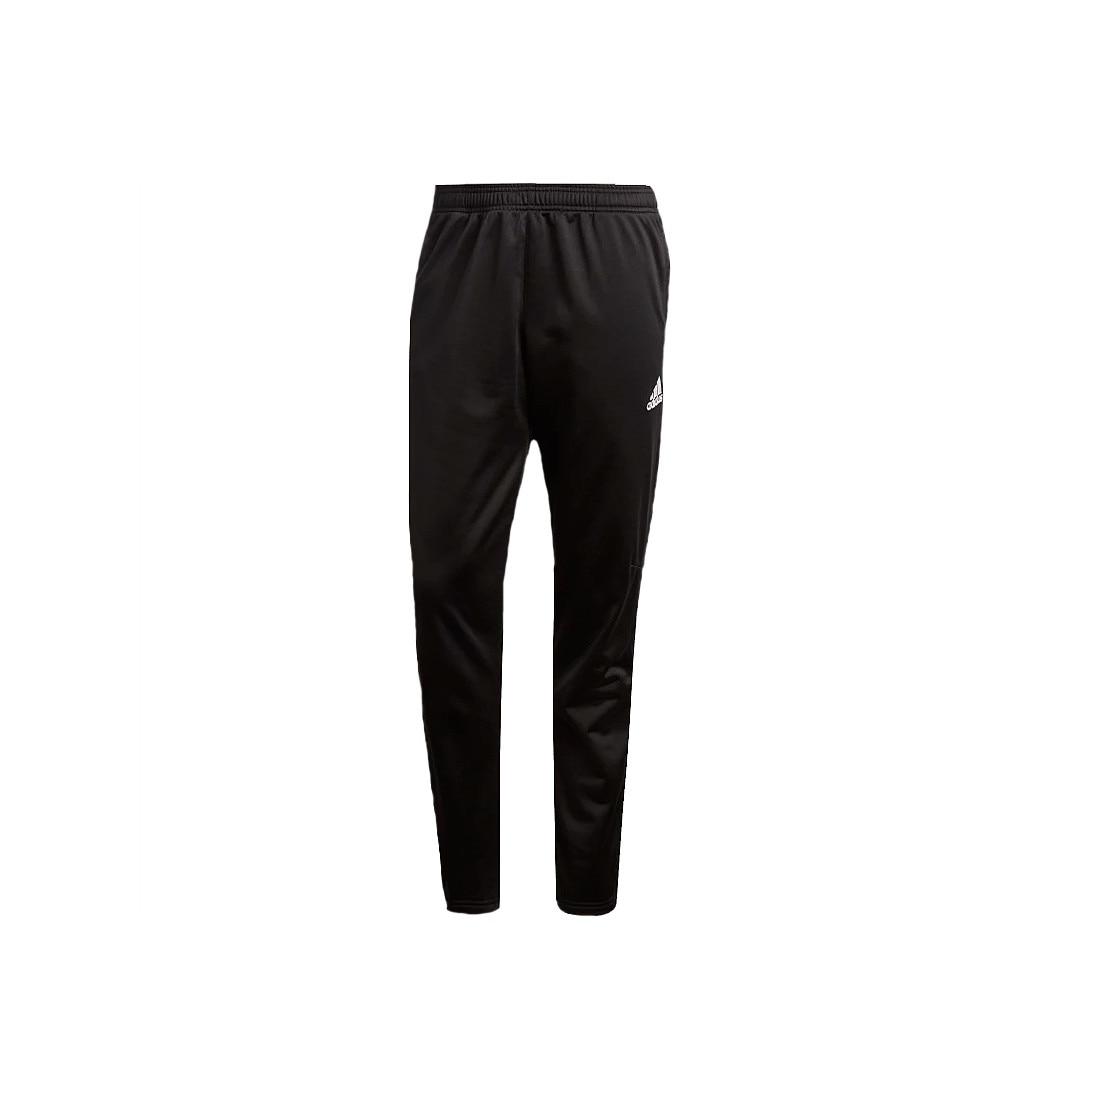 adidas tiro 17 training női nadrág